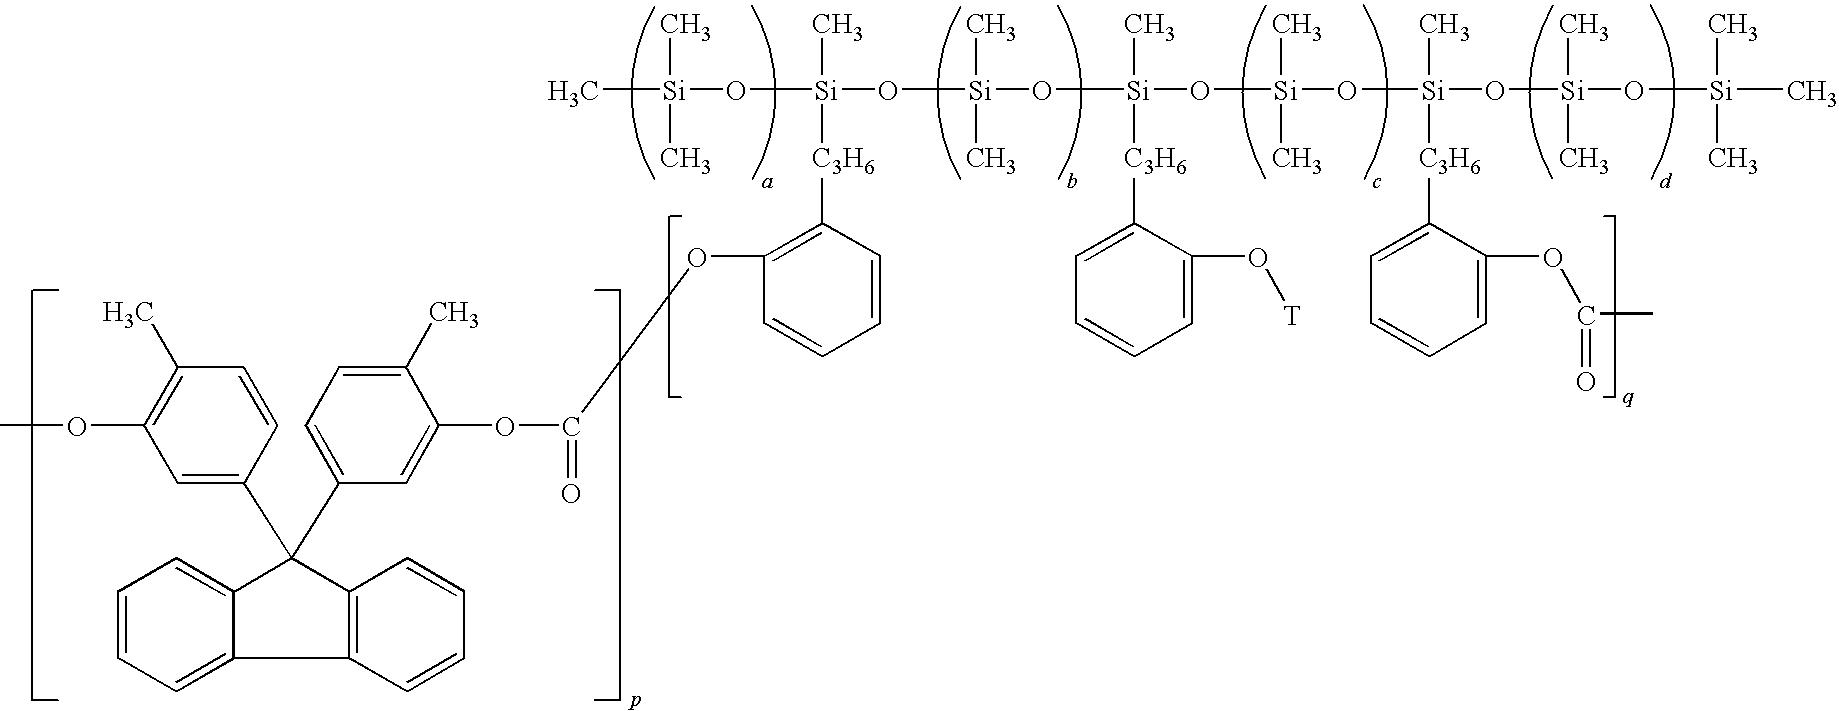 Figure US08007970-20110830-C00010